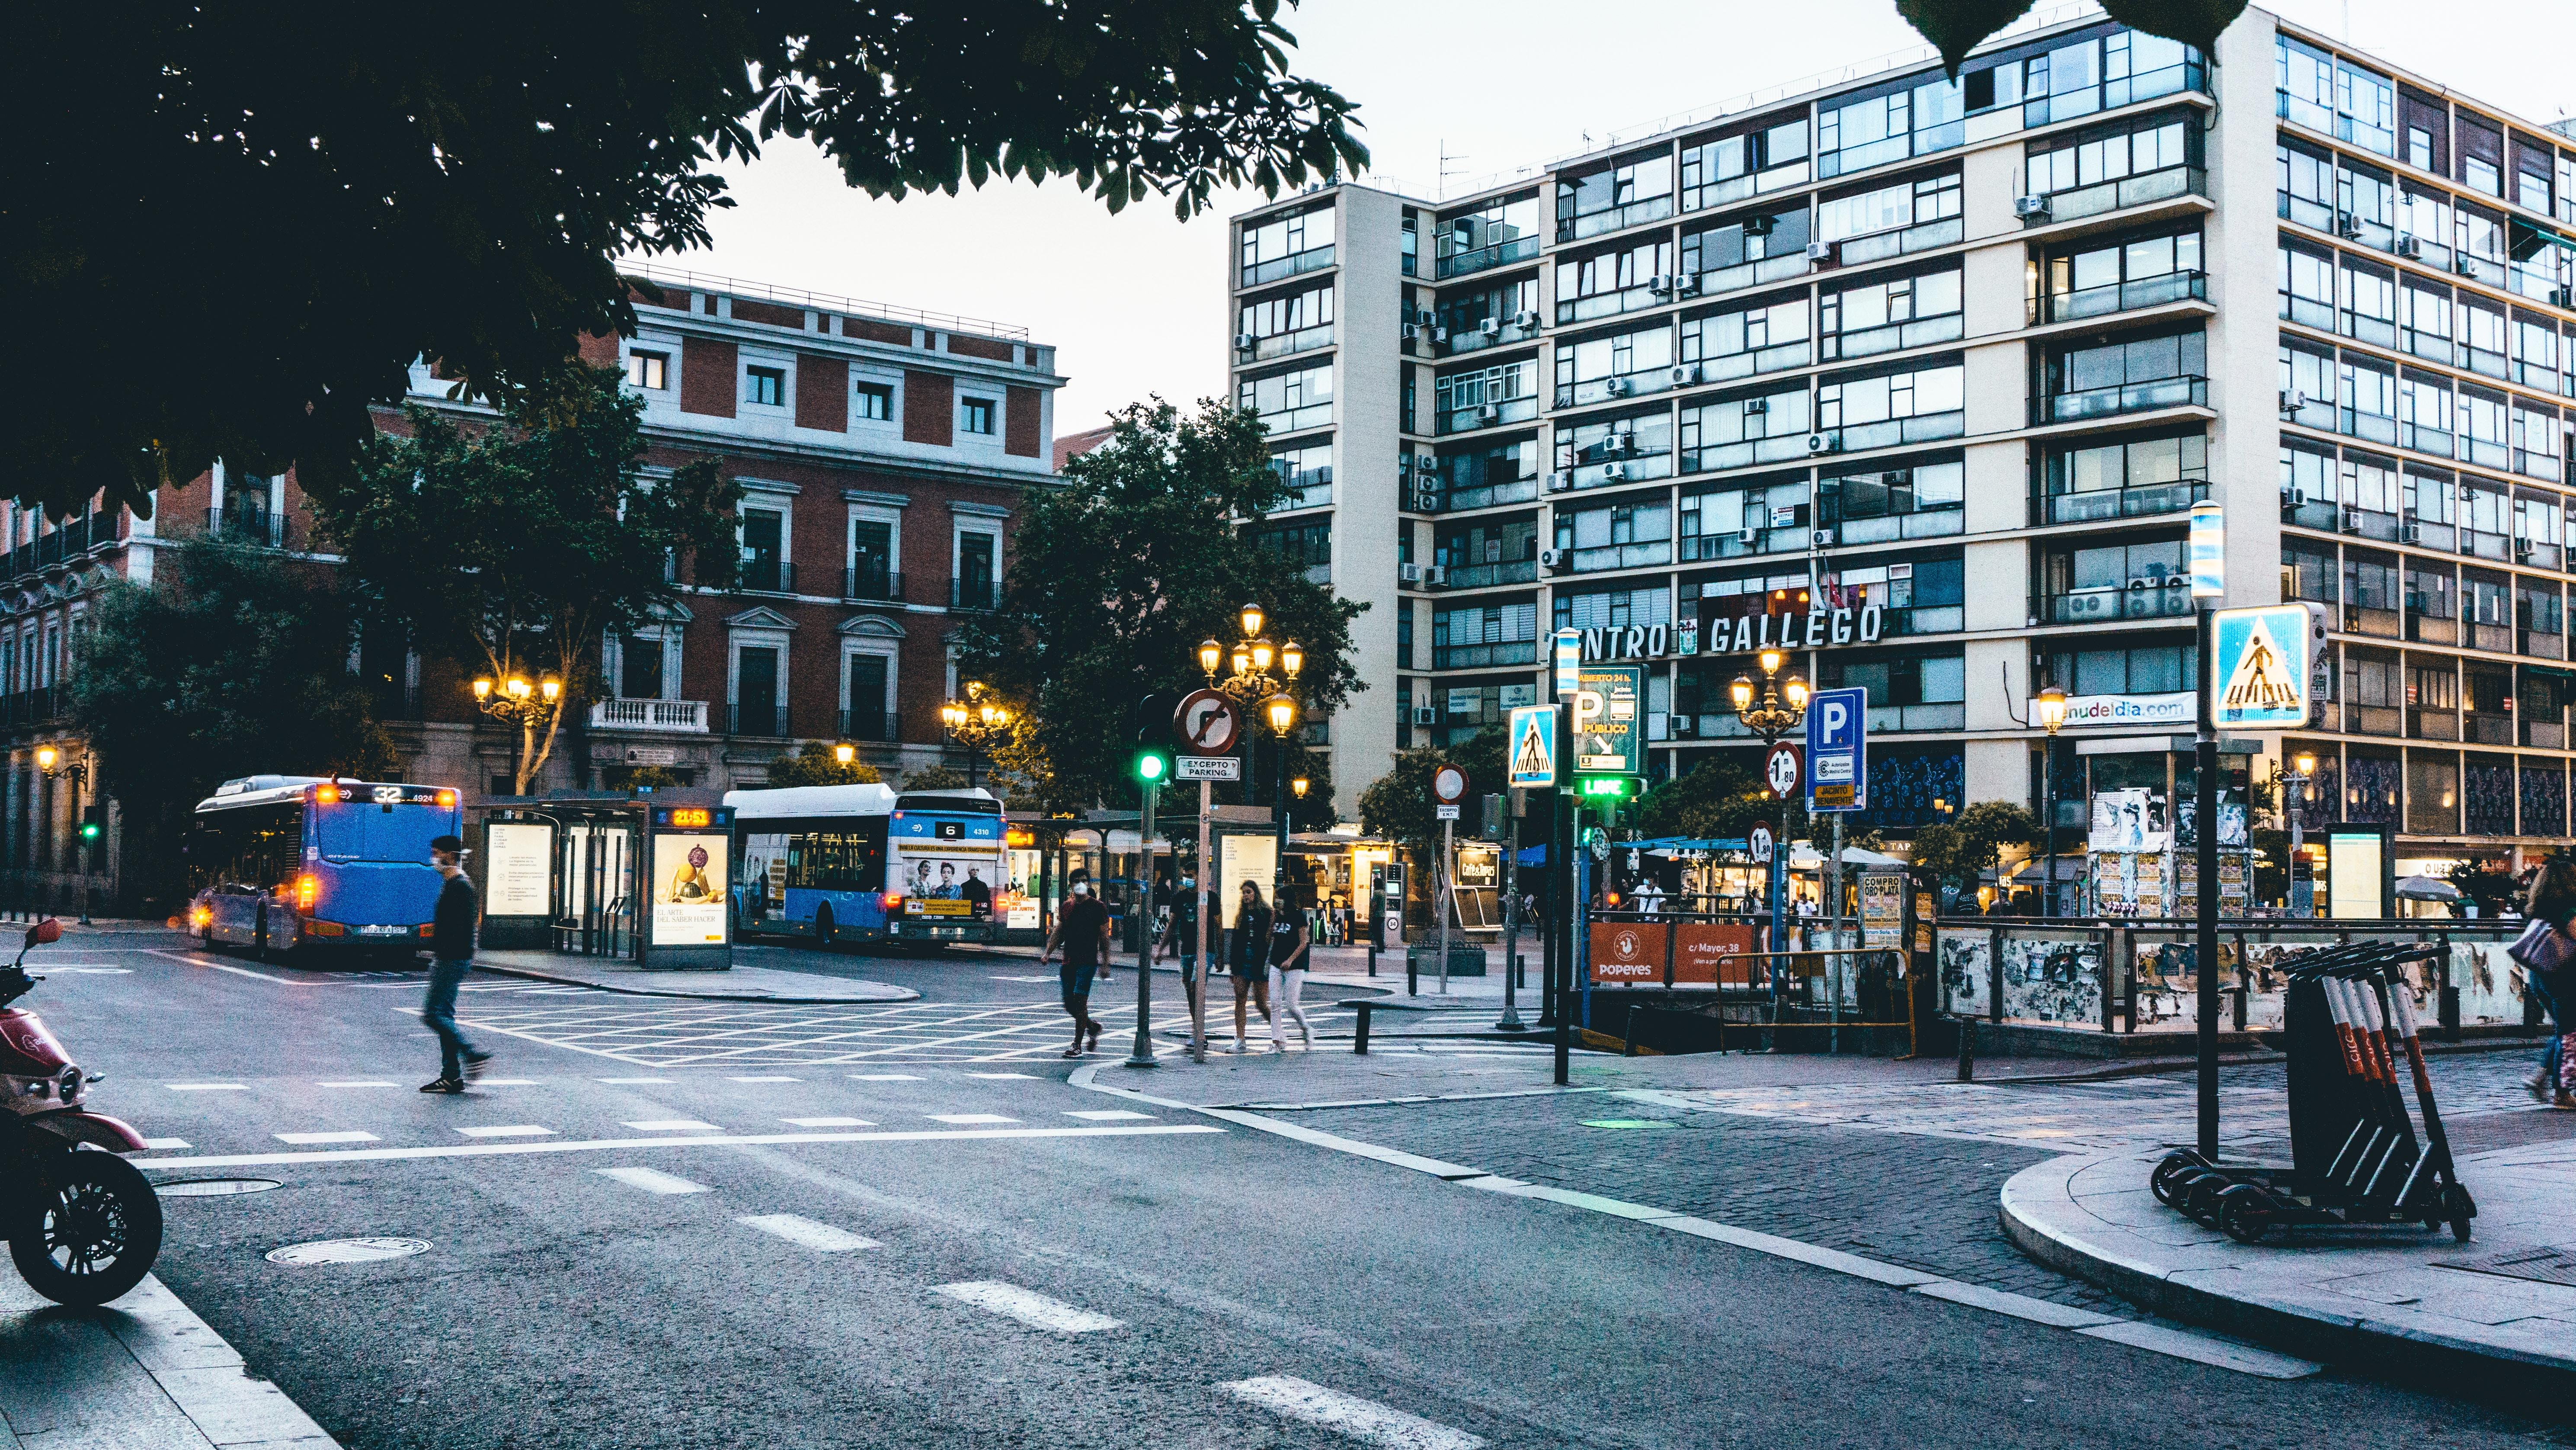 La plaza de Jaciento Benavente, Madrid. Por Jhosef A. Cardich Palma